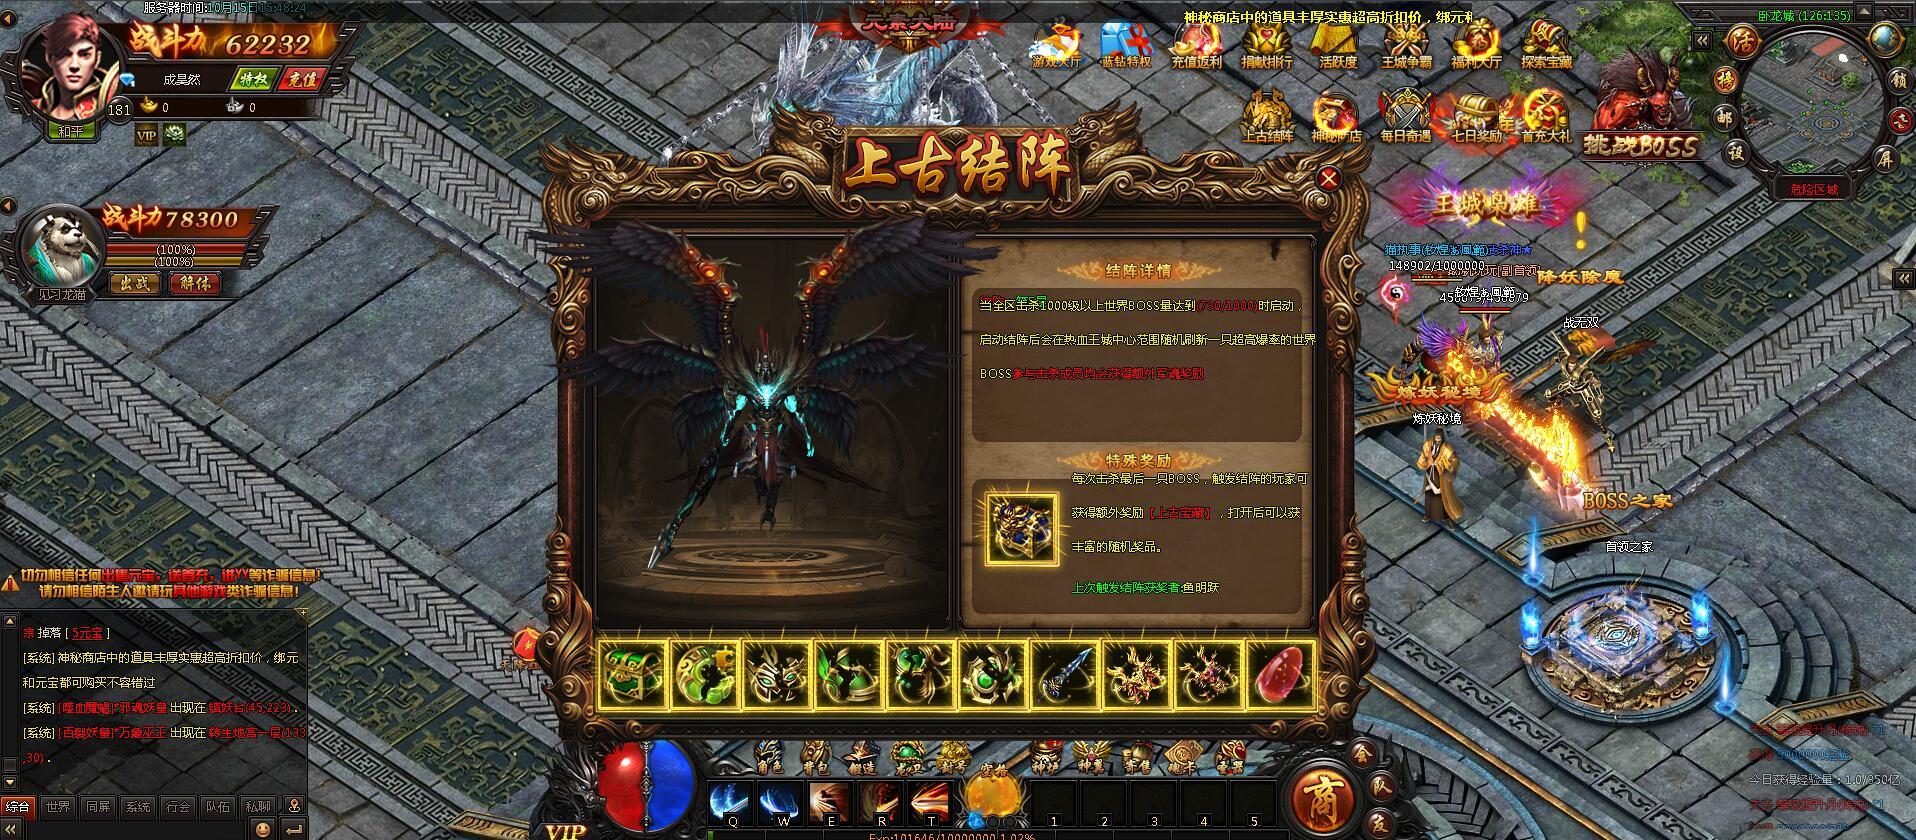 战神霸域游戏截图2